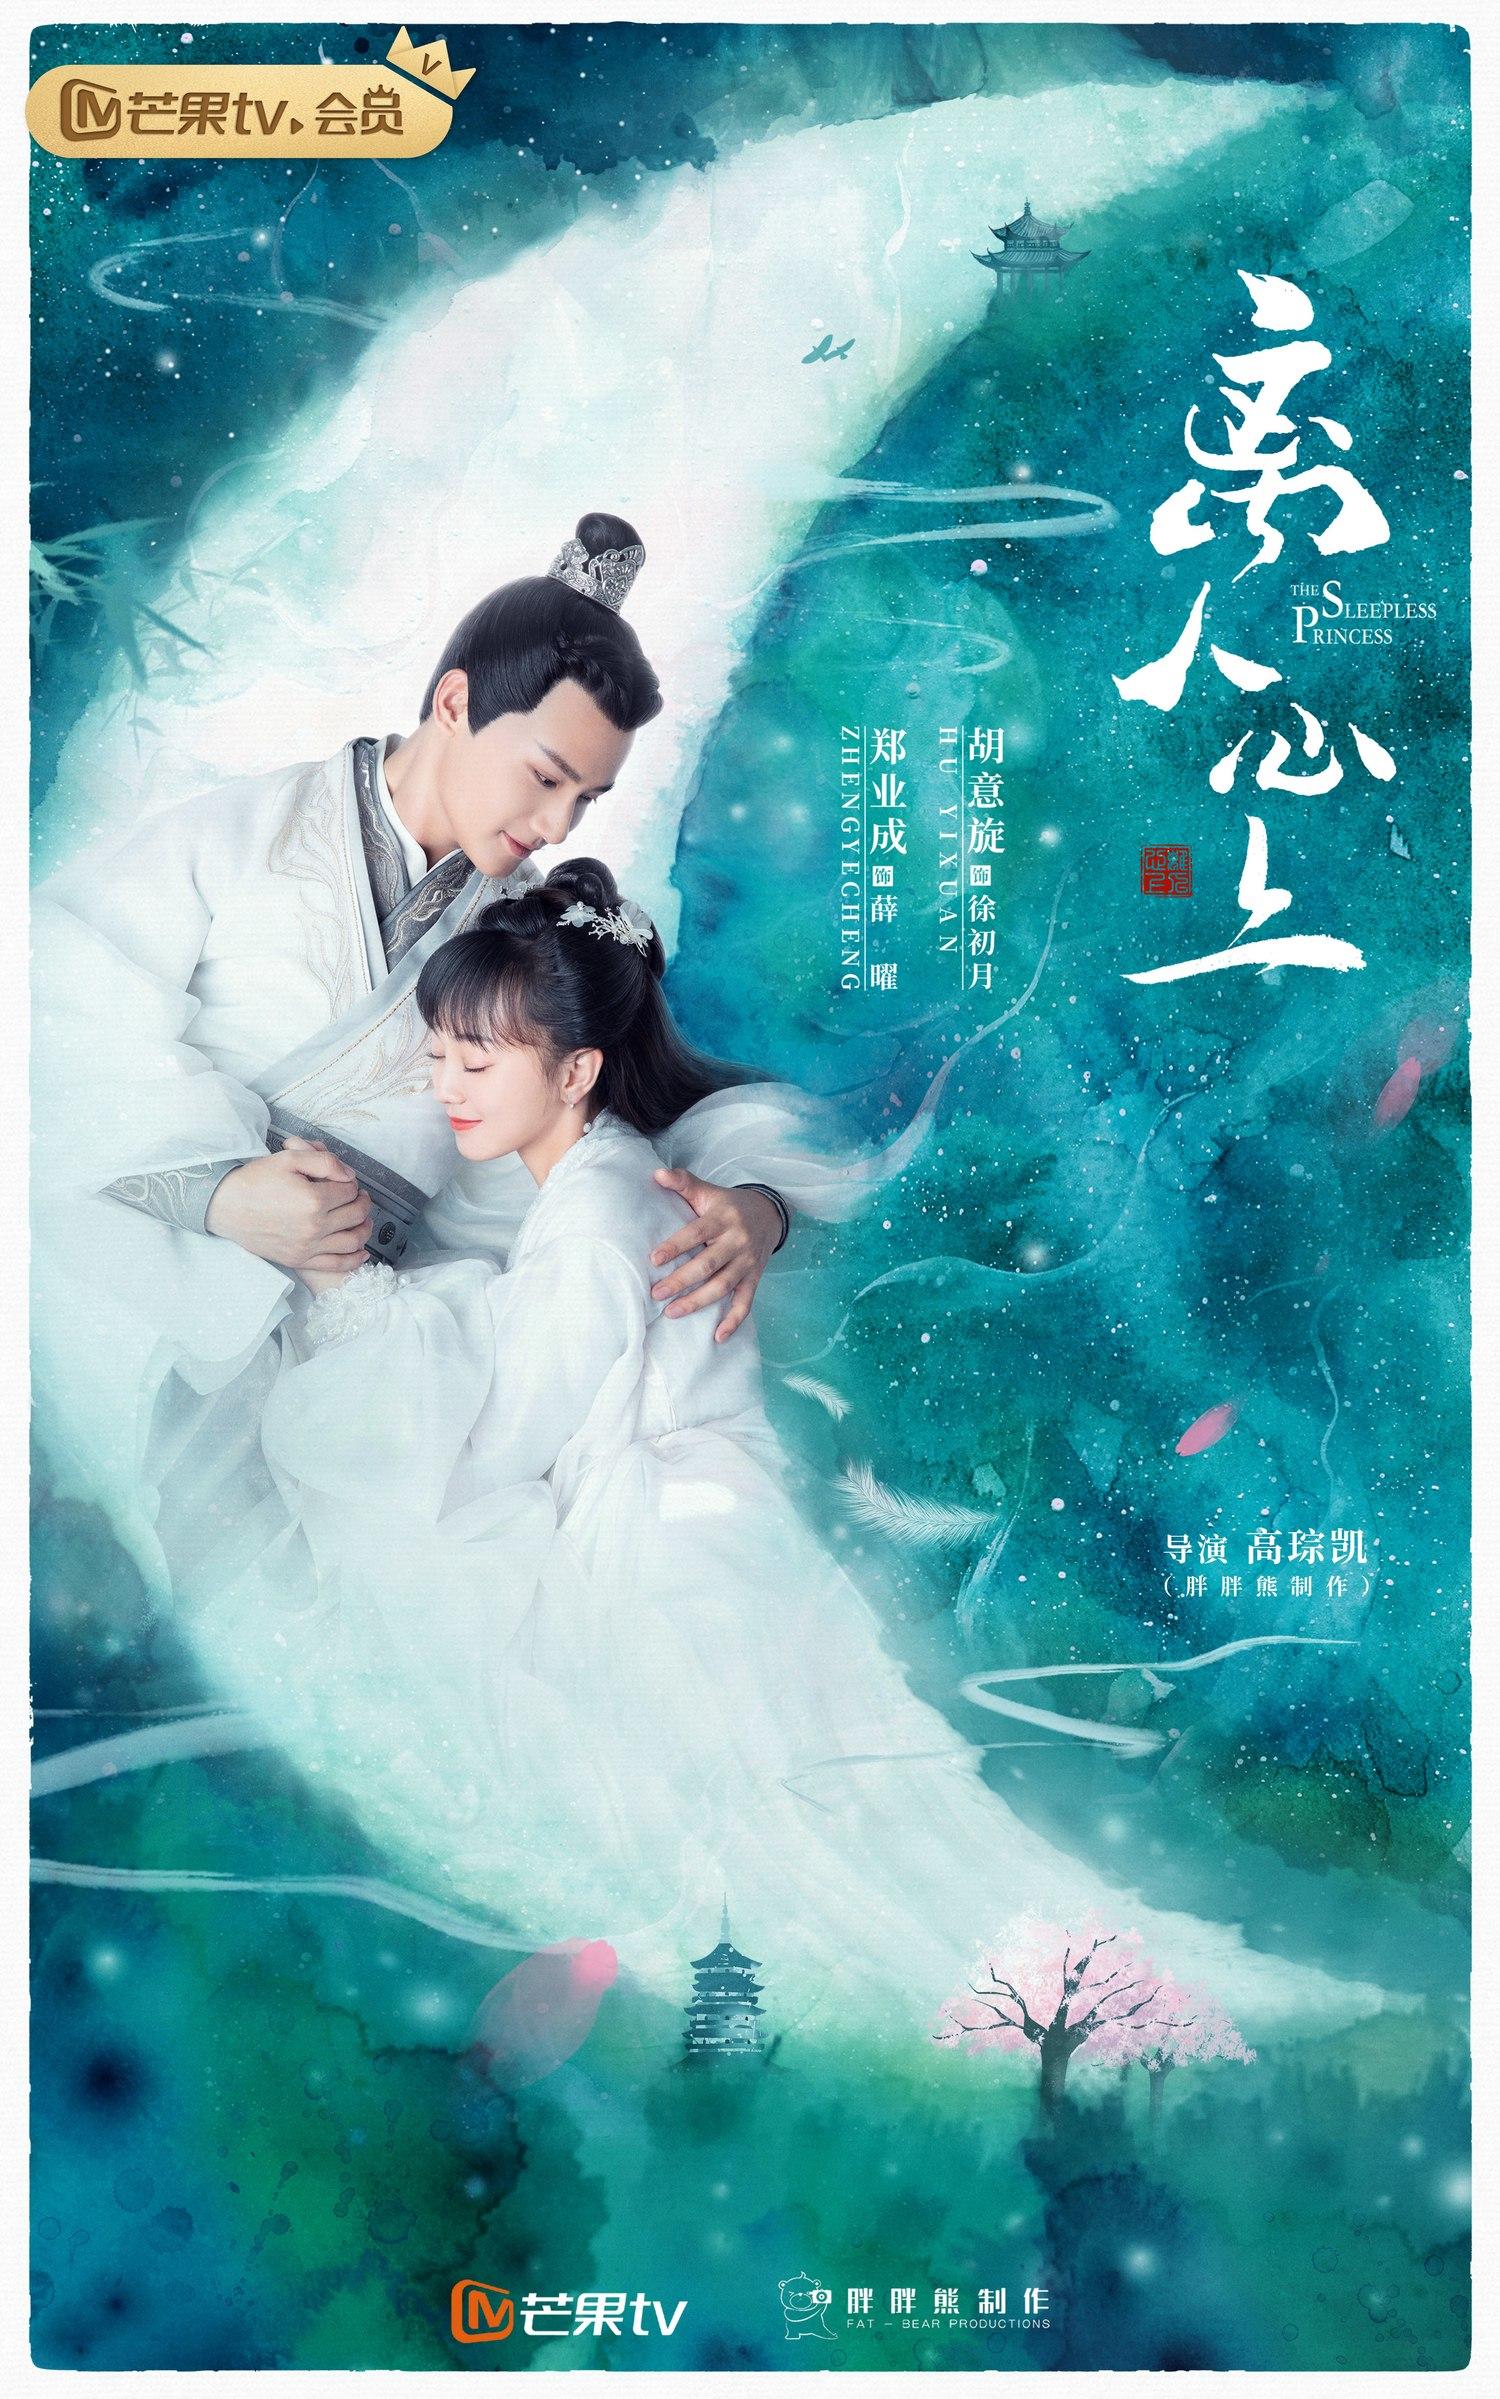 دانلود زیرنویس فارسی سریال Li ren xin shang